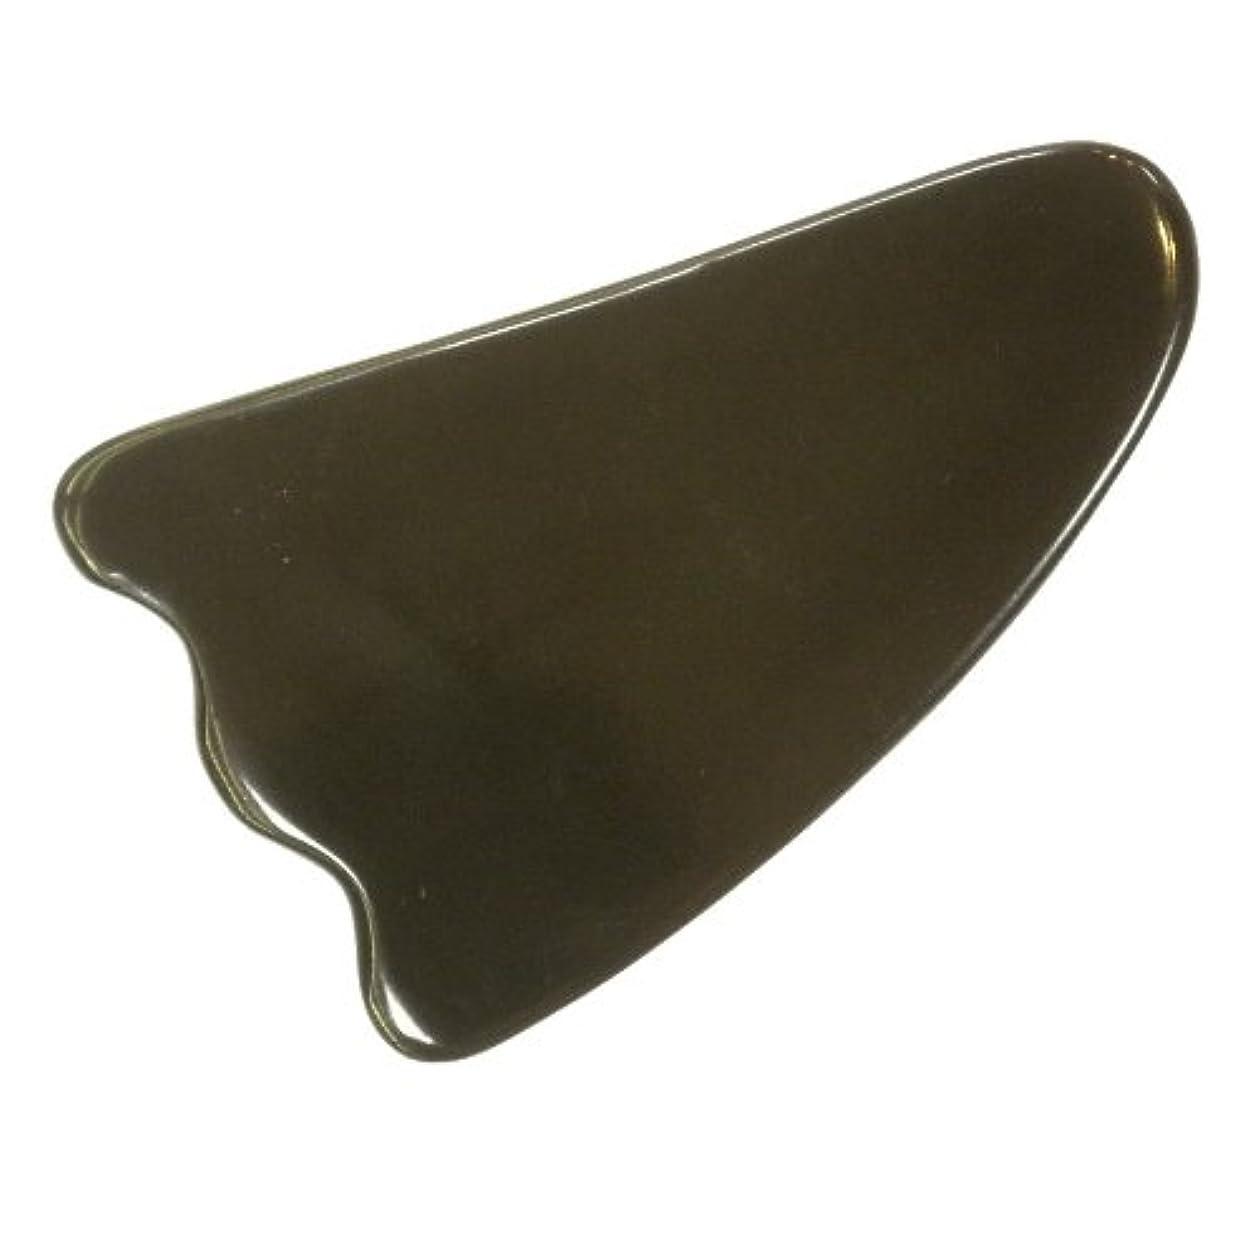 追跡リブ非武装化かっさ プレート 厚さが選べる 水牛の角(黒水牛角) EHE213SP 羽根型 特級品 標準(6ミリ程度)